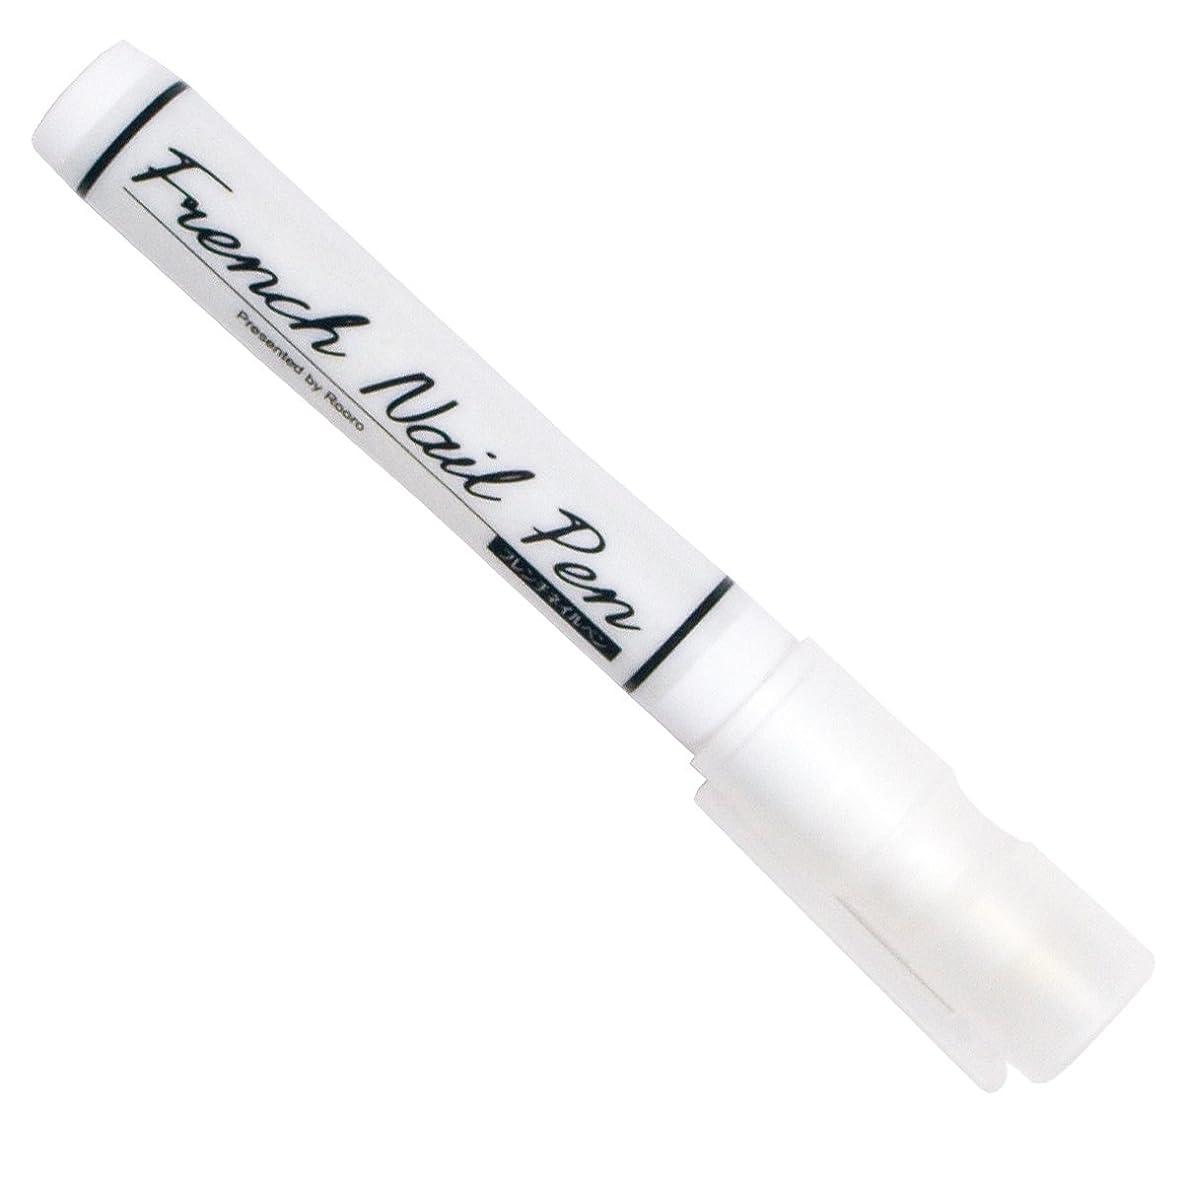 キャッシュためらう適用済みヤナセ(柳瀬) Rooro(ローロ)  フレンチネイルペン パールホワイト RO-FP2